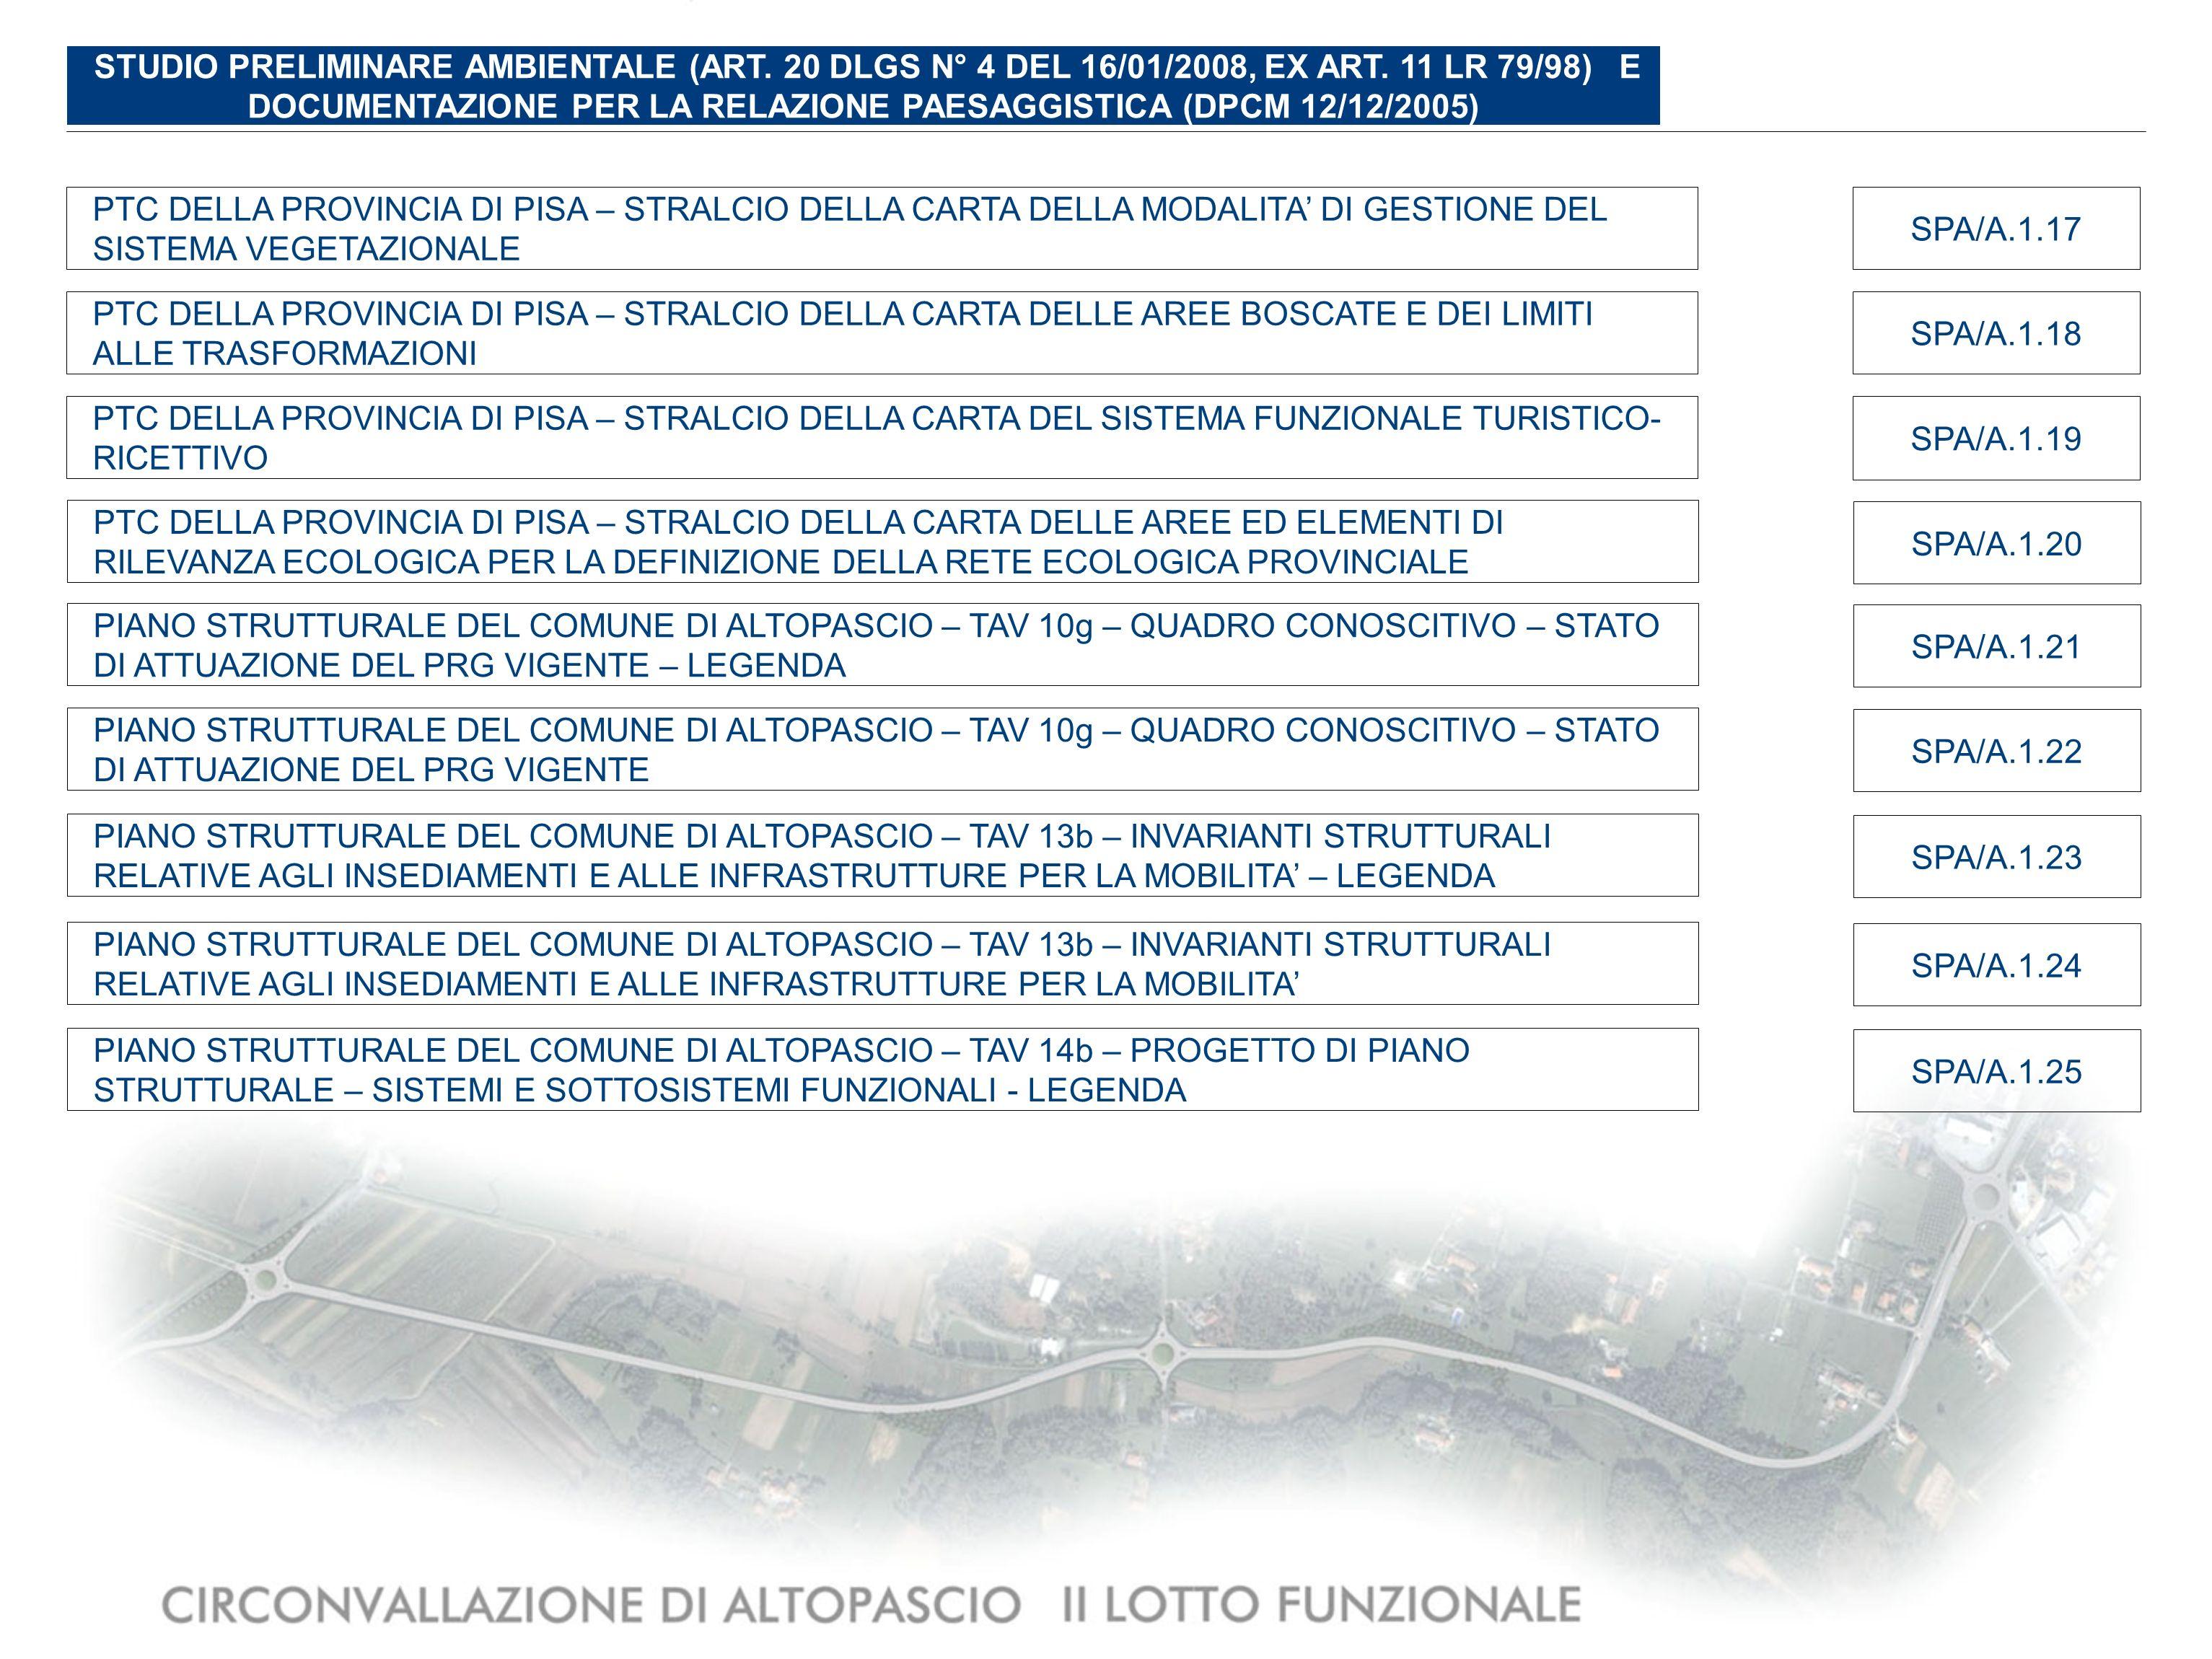 REGOLAMENTO URBANISTICO DEL COMUNE DI CASTELFRANCO DI SOTTO – INDIVIDUAZIONE CARTOGRAFICA DELLE ZONE OMOGENEE SPA/A.1.28 CARTA DEI VINCOLI SPA/A.1.29 CARTA DELLE AREE PROTETTE – LEGENDA SPA/A.1.30 CARTA DELLE AREE PROTETTE SPA/A.1.31 REGOLAMENTO URBANISTICO DEL COMUNE DI CASTELFRANCO DI SOTTO – INDIVIDUAZIONE CARTOGRAFICA DELLE ZONE OMOGENEE - LEGENDA SPA/A.1.27 PIANO STRUTTURALE DEL COMUNE DI ALTOPASCIO – TAV 14b – PROGETTO DI PIANO STRUTTURALE – SISTEMI E SOTTOSISTEMI FUNZIONALI SPA/A.1.26 STUDIO PRELIMINARE AMBIENTALE (ART.